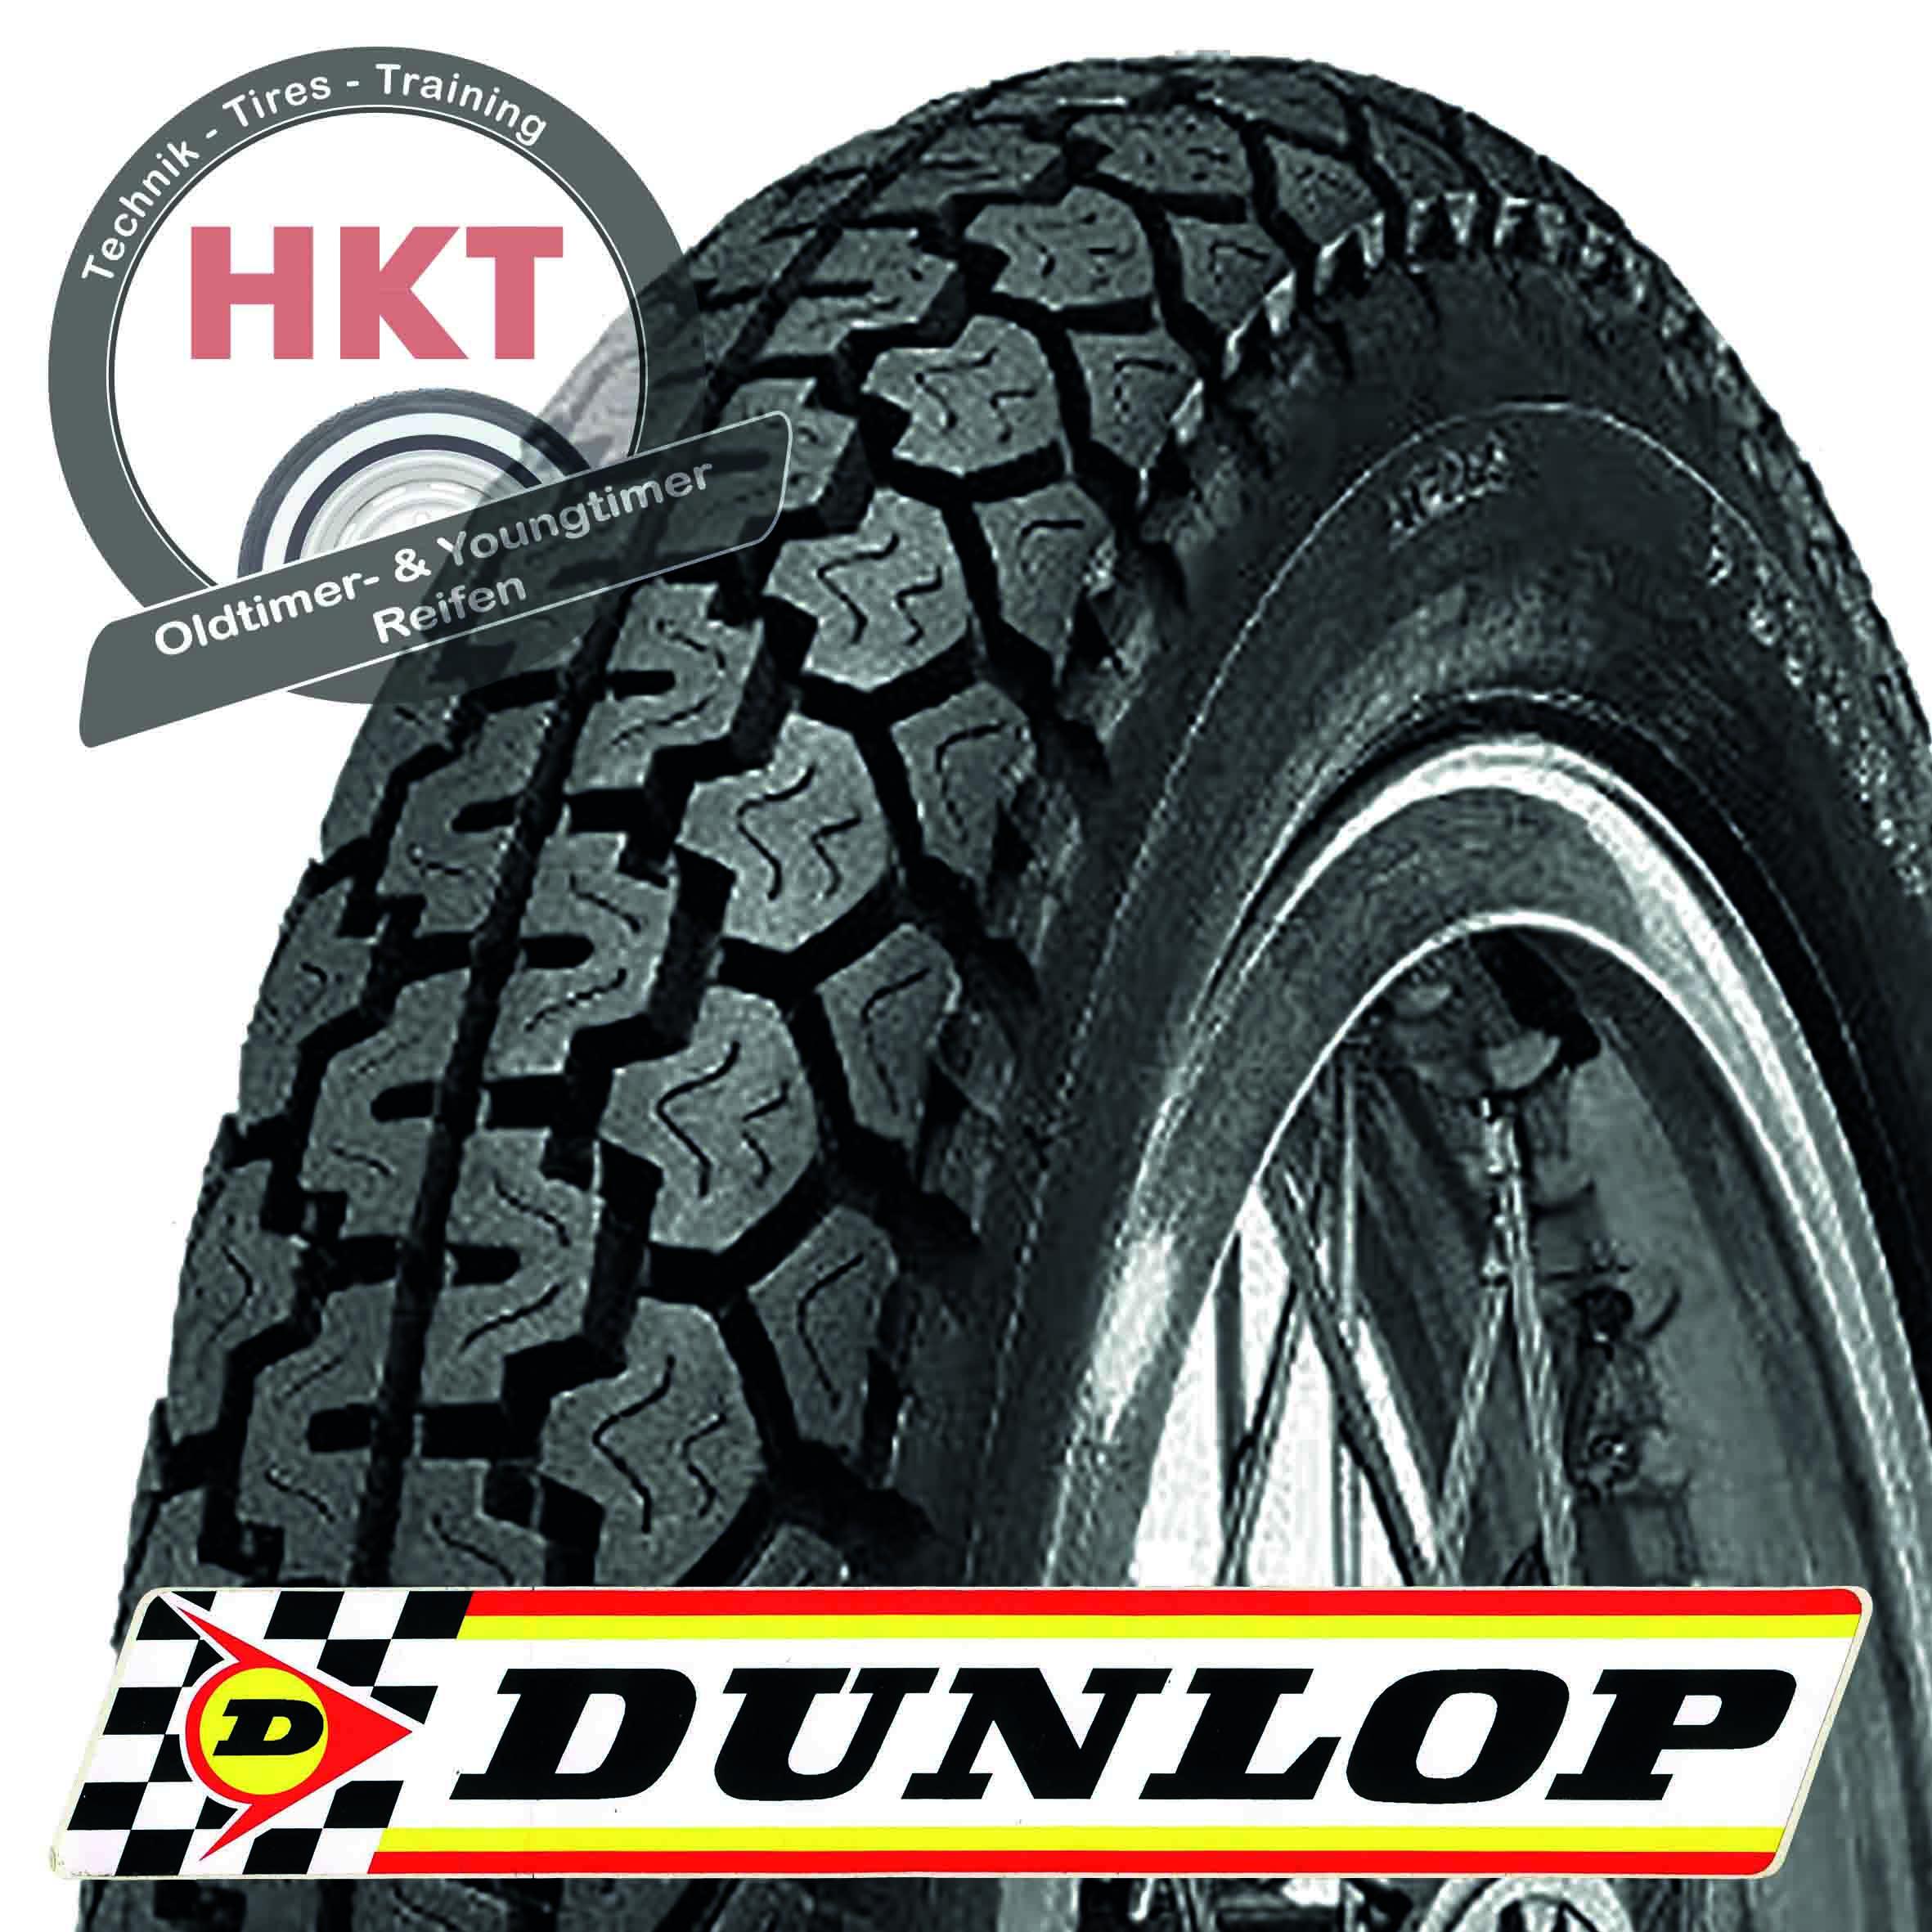 3.25-19 54P TT Dunlop K70